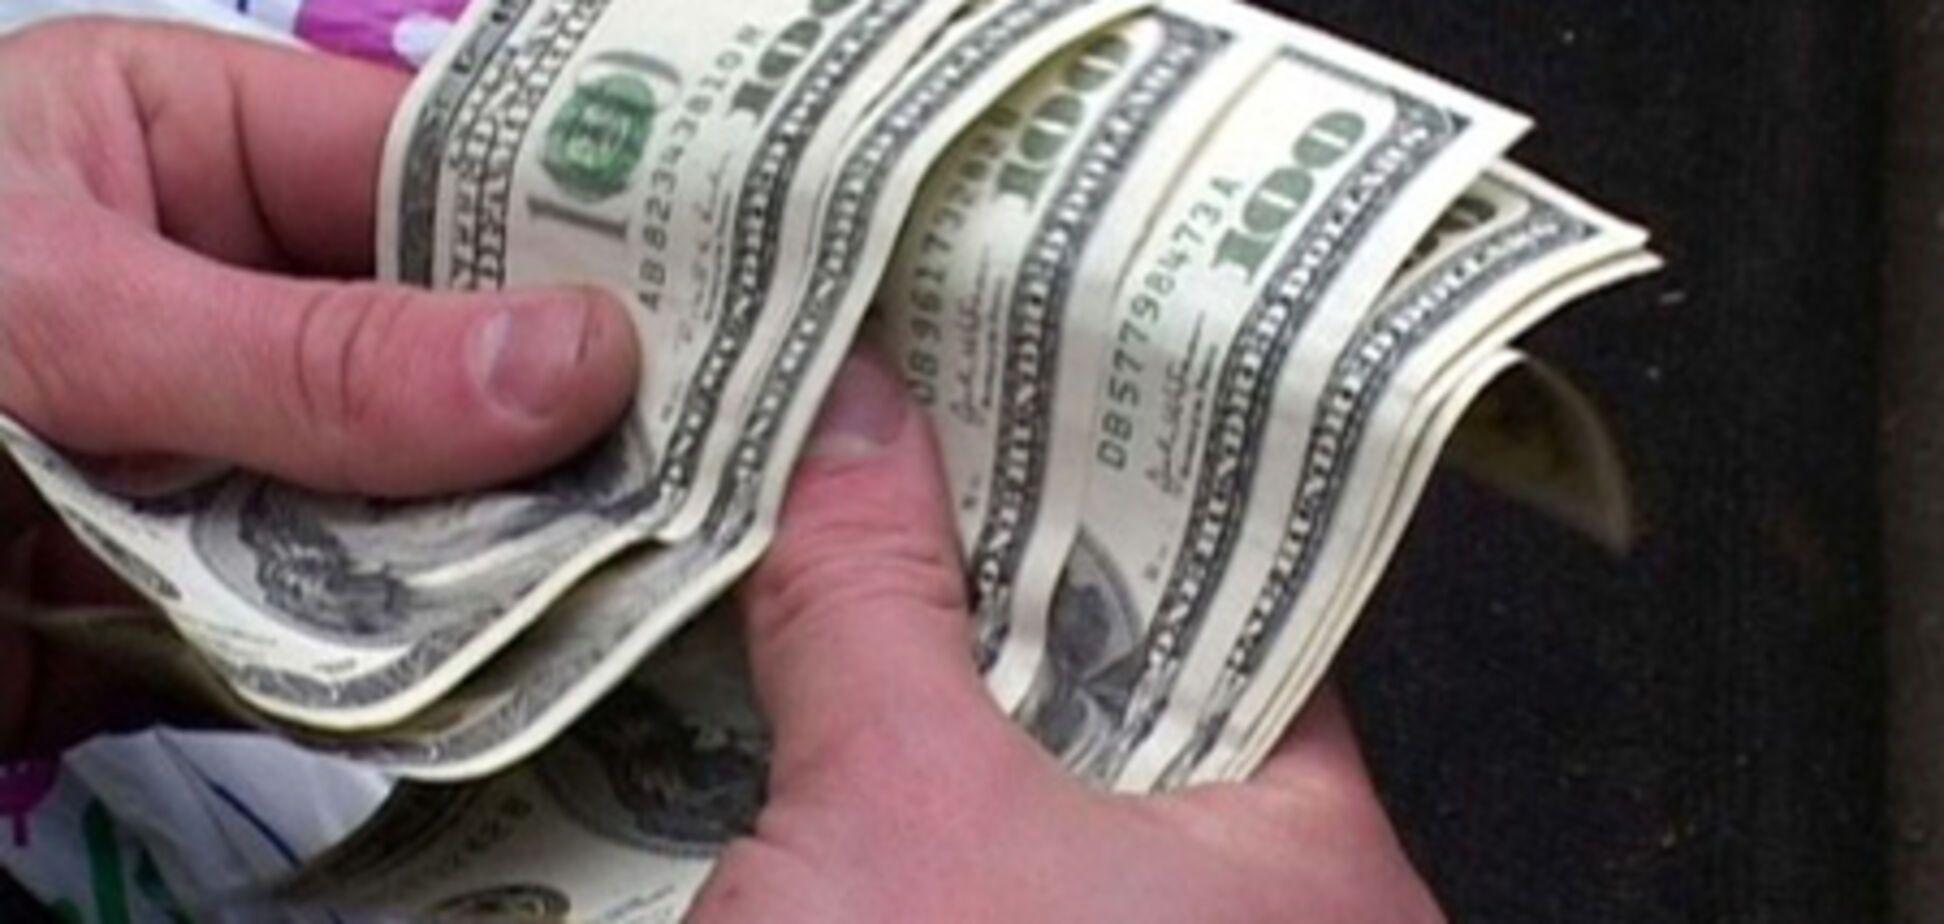 Головний борець з мафією в СНД вкрав 46 мільйонів